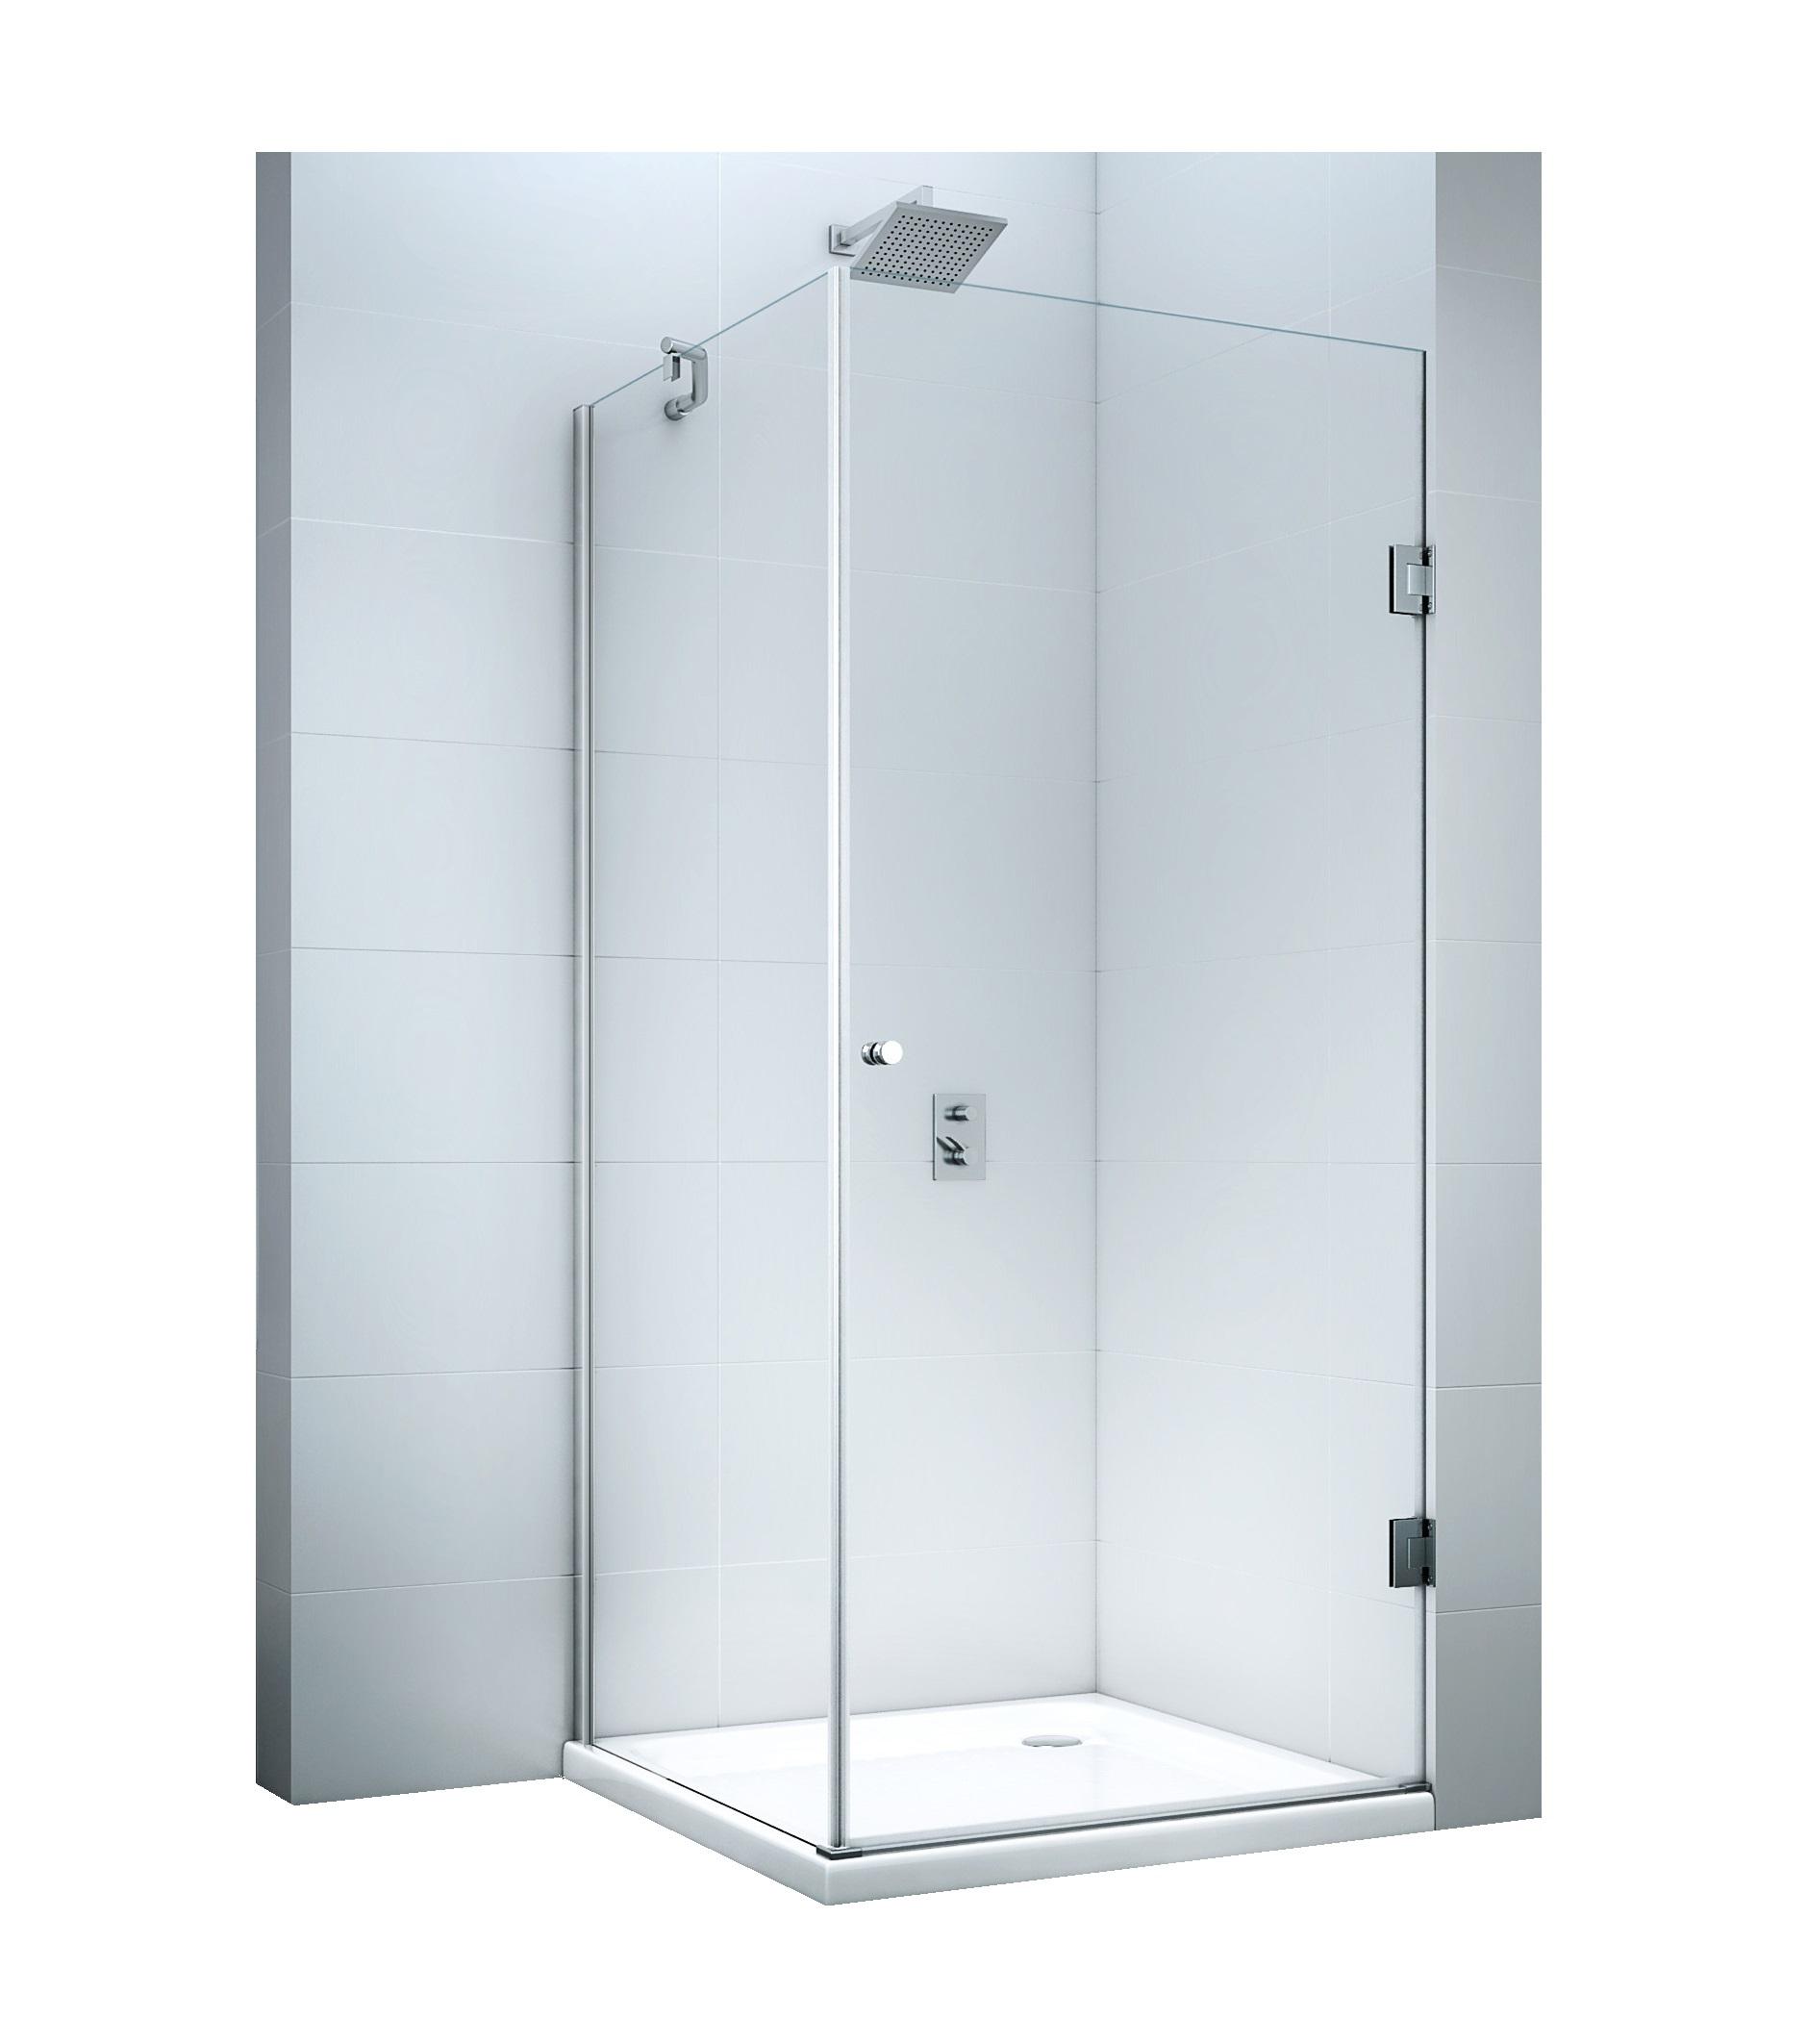 Kabina prysznicowa uchylna kwadratowa MS302 SWISS MEYER